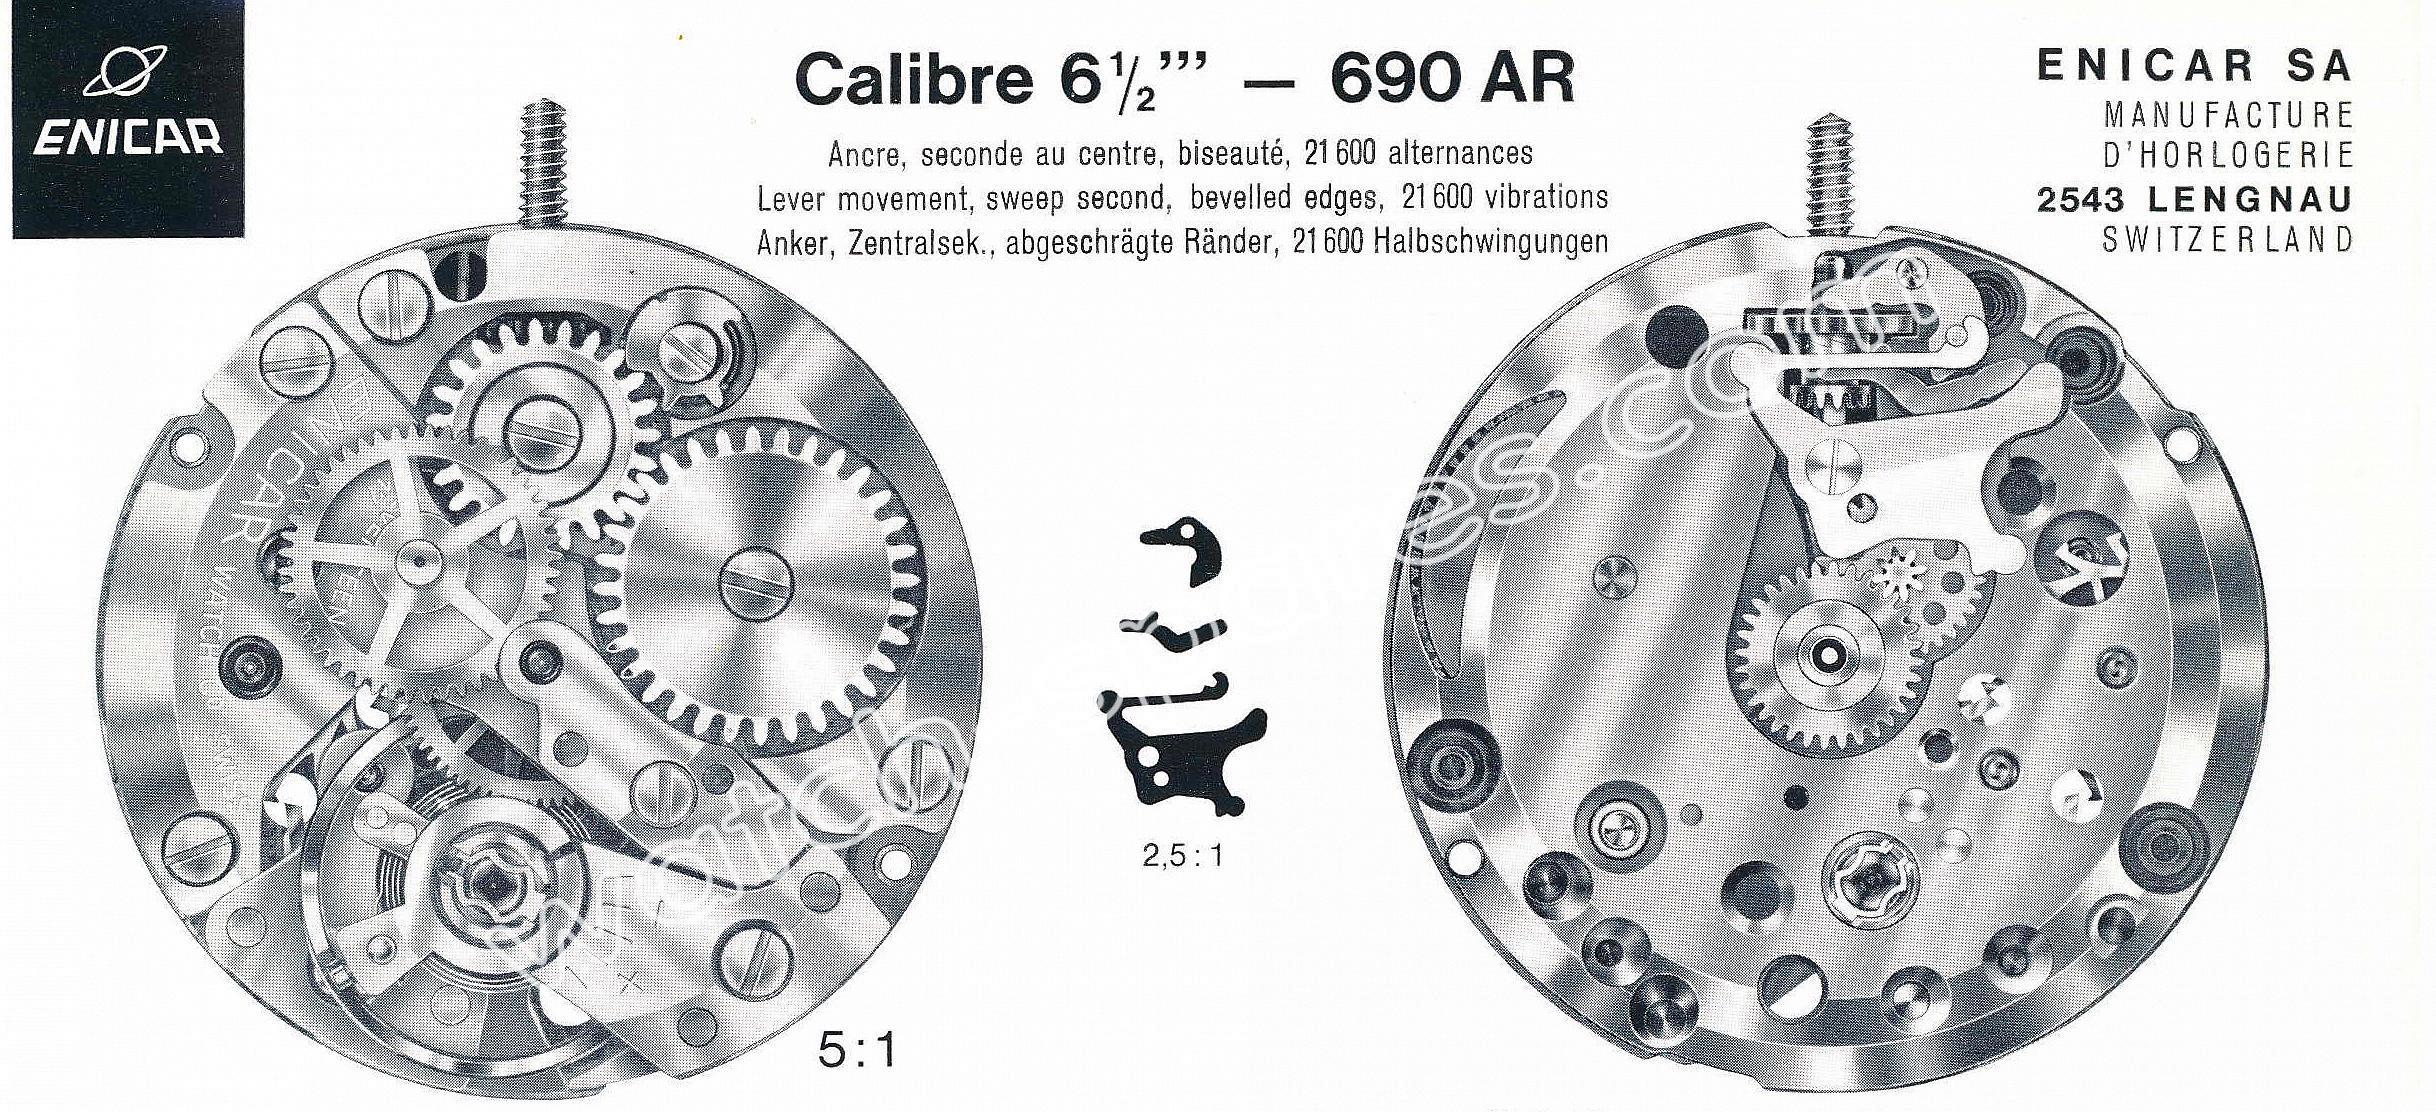 Enicar AR 690 watch movements